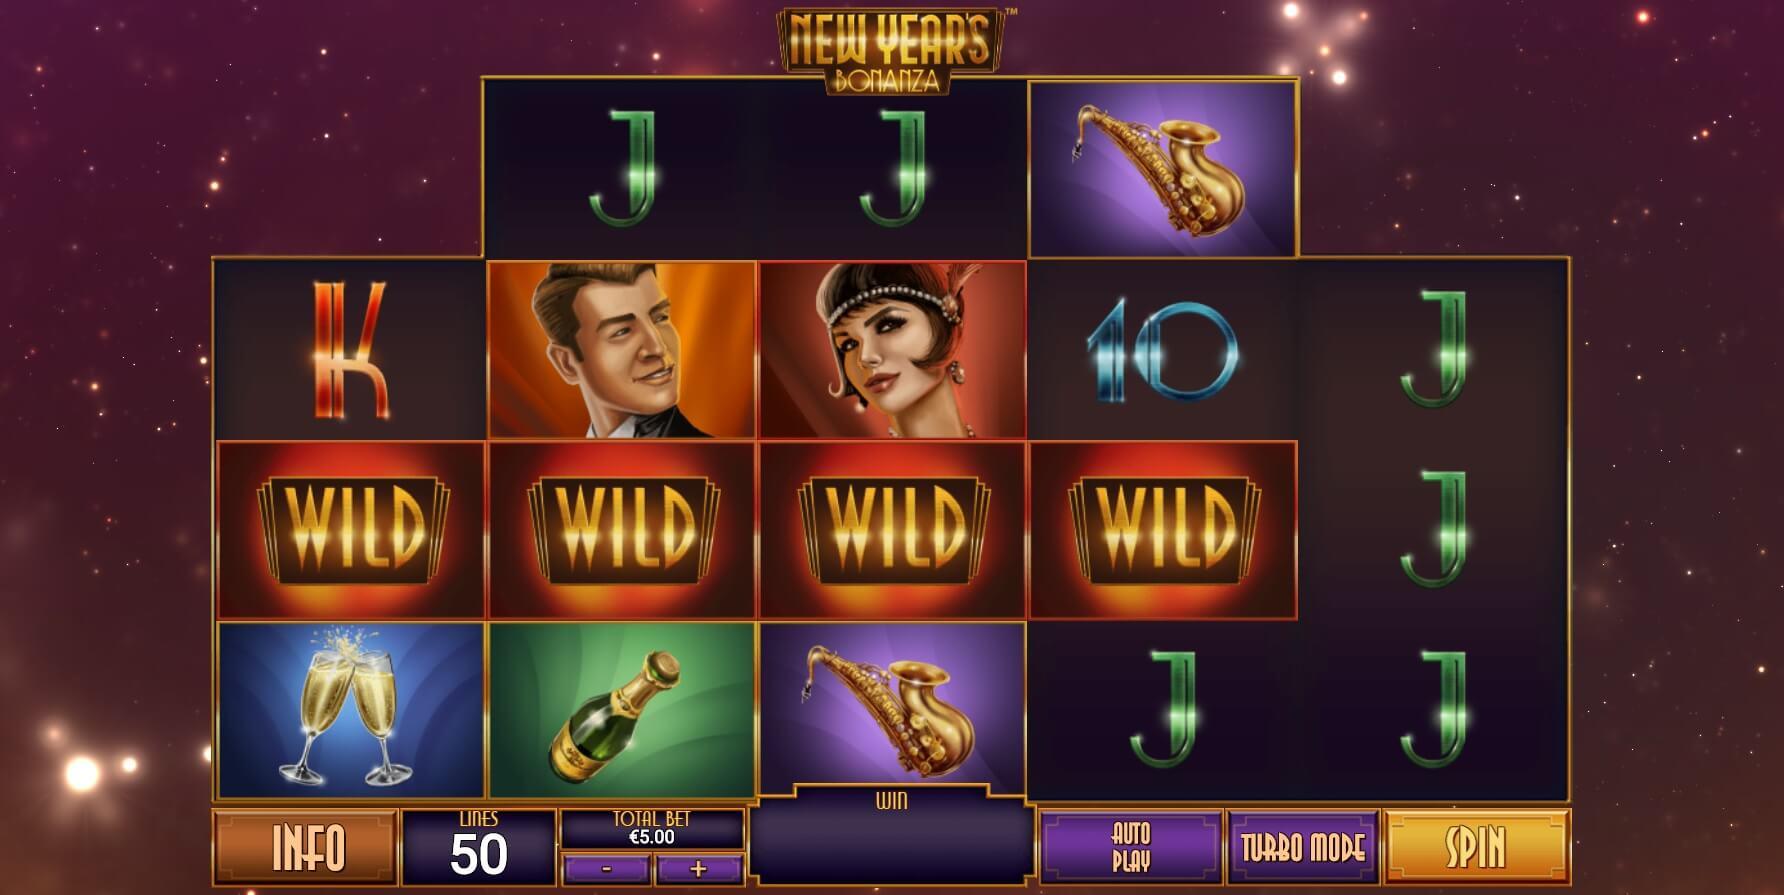 New Year's Bonanza Slot Gameplay